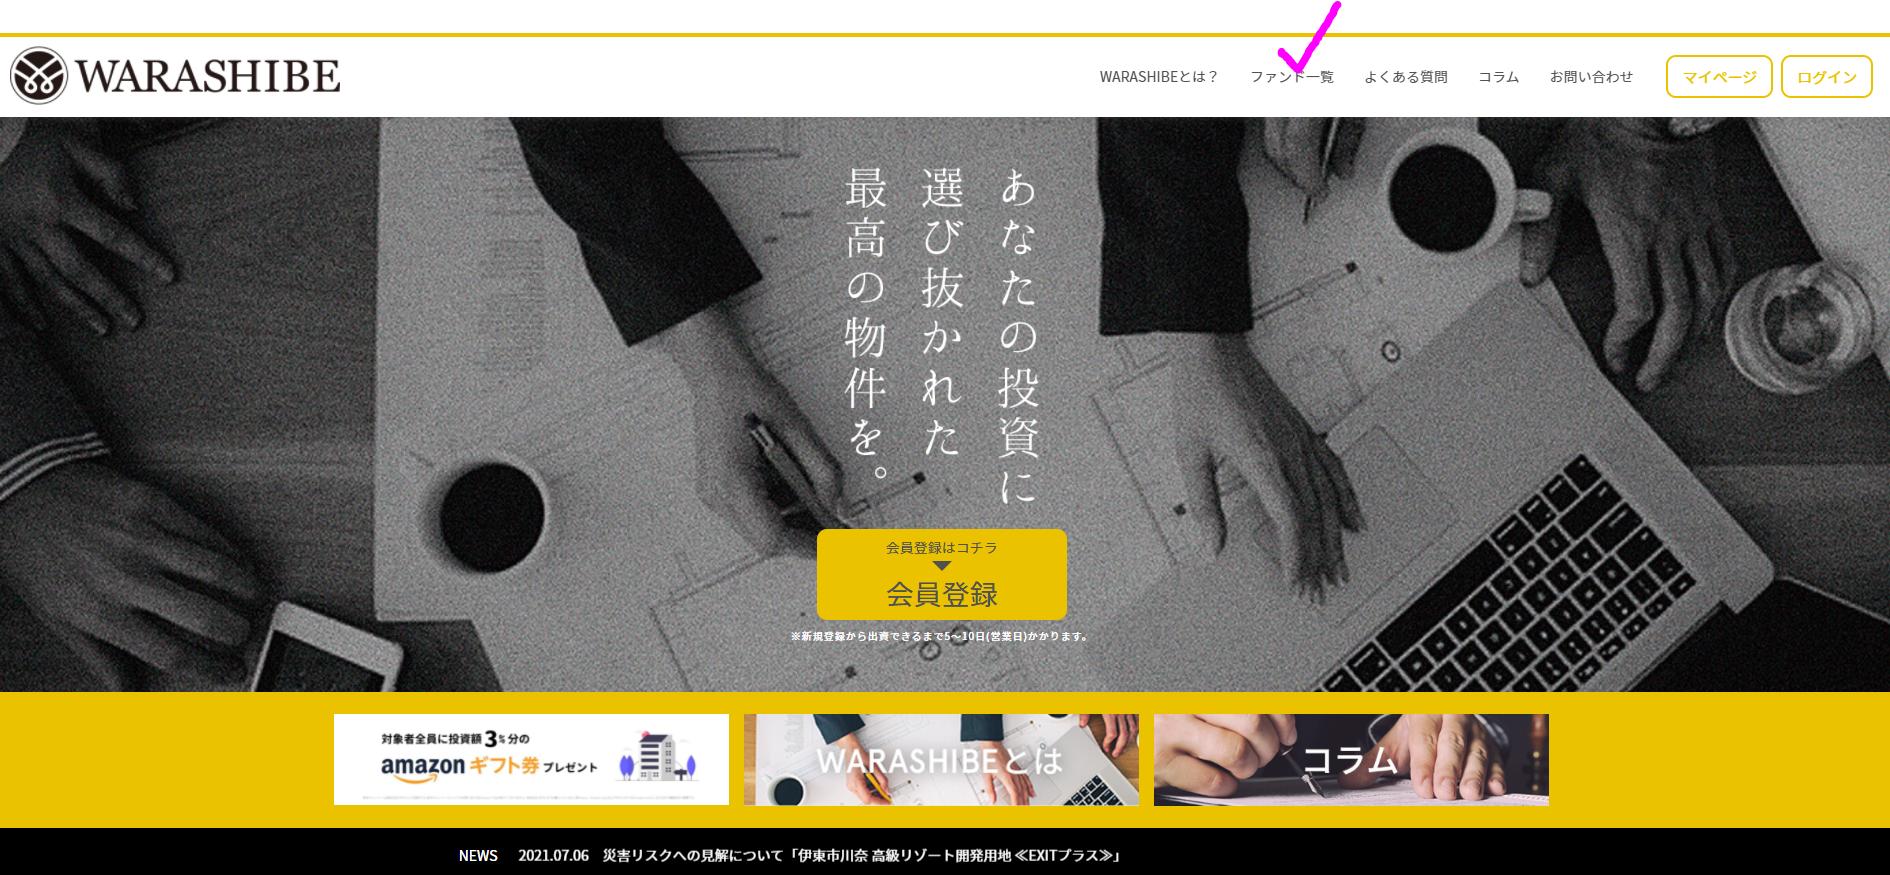 warashibe210714-1